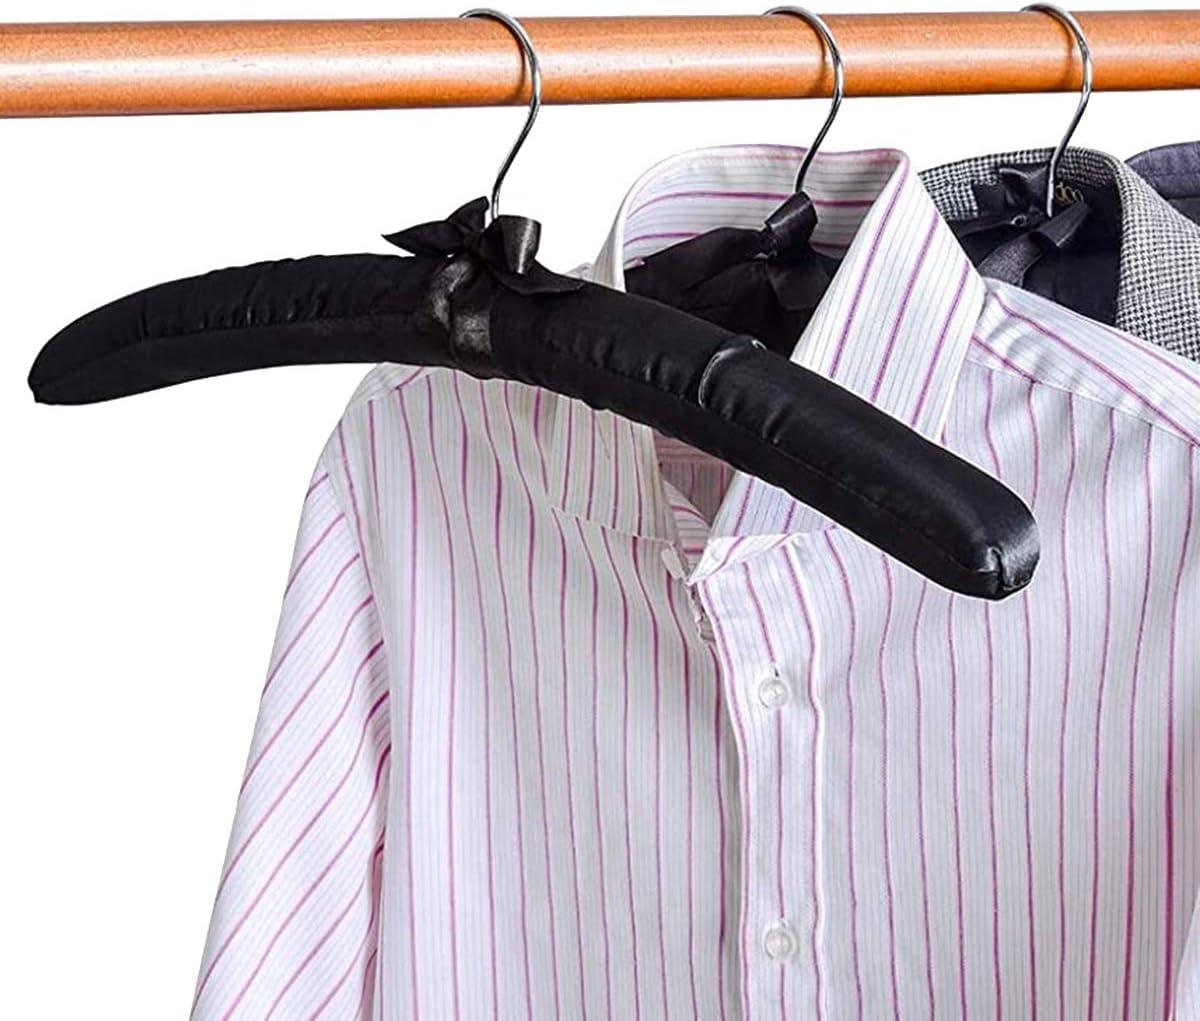 Trajes Perchas de Seda para Vestidos de Novia SNOWINSPRING Perchas Acolchadas de Sat/éN Grandes de 17 Pulgadas Abrigos Blusas Negro, Paquete de 5